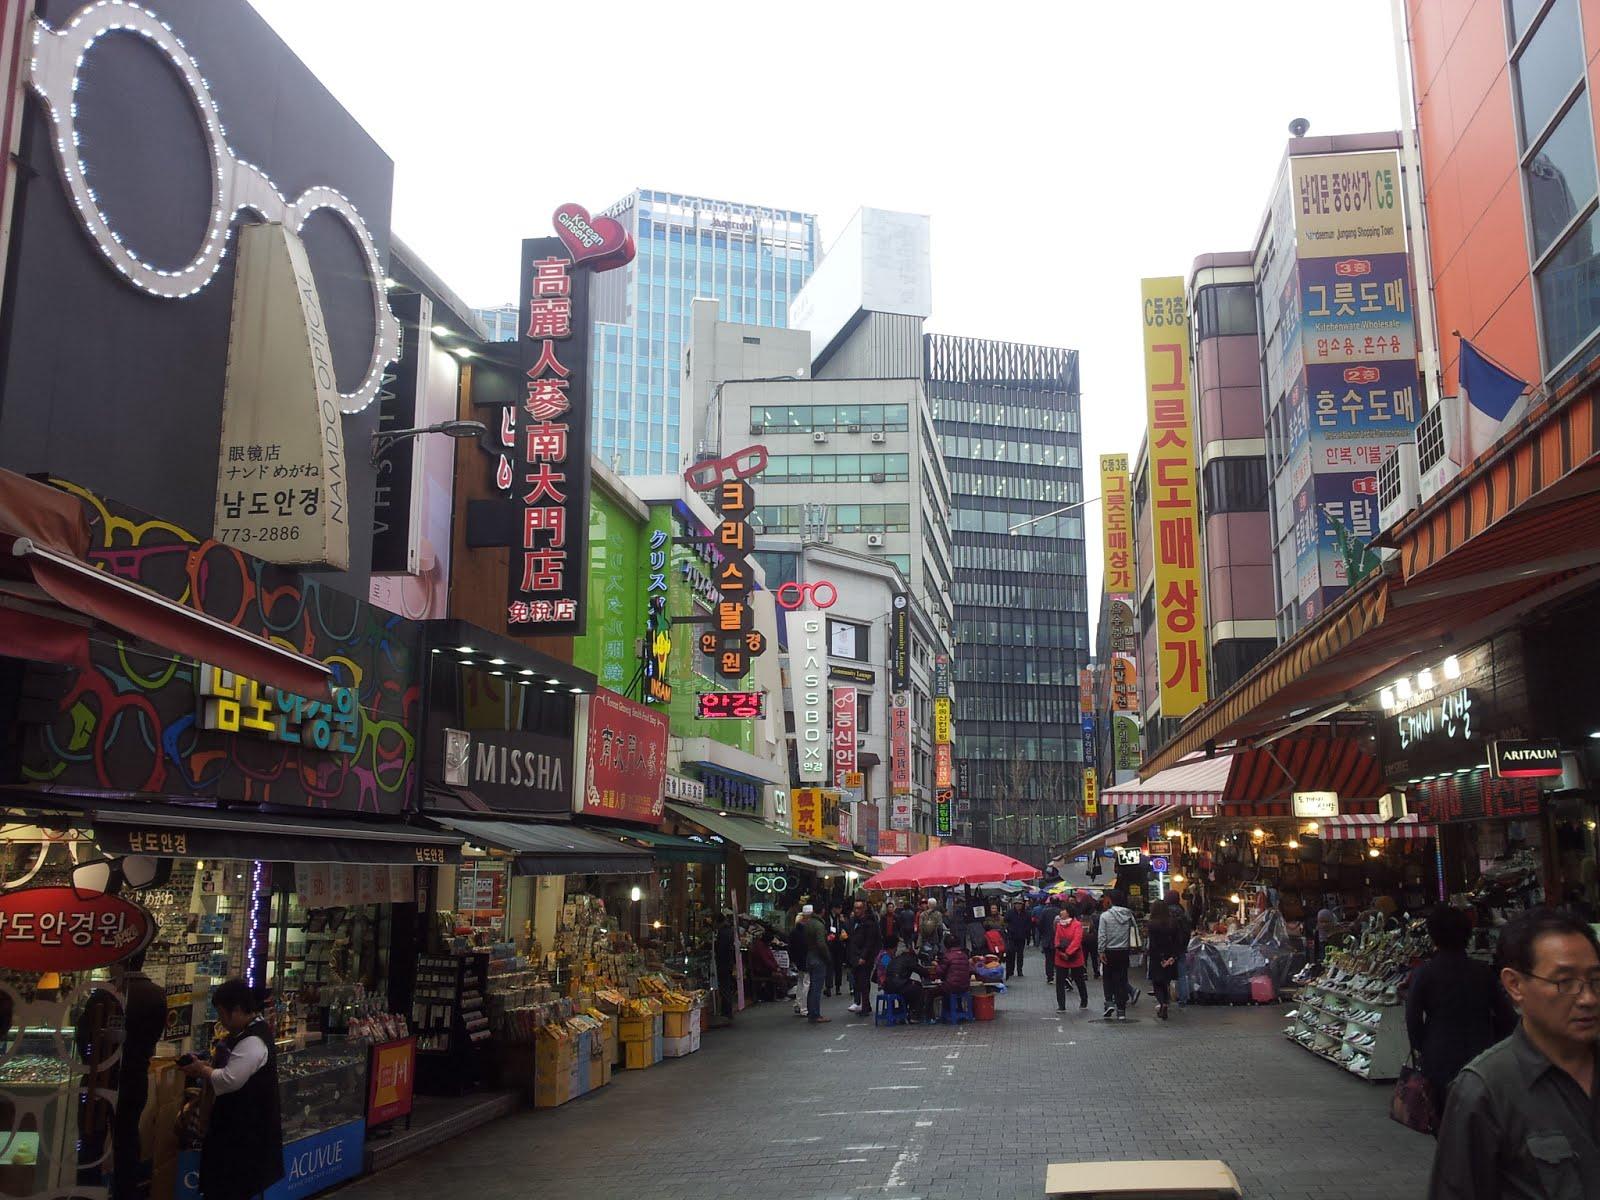 Namdeamun market